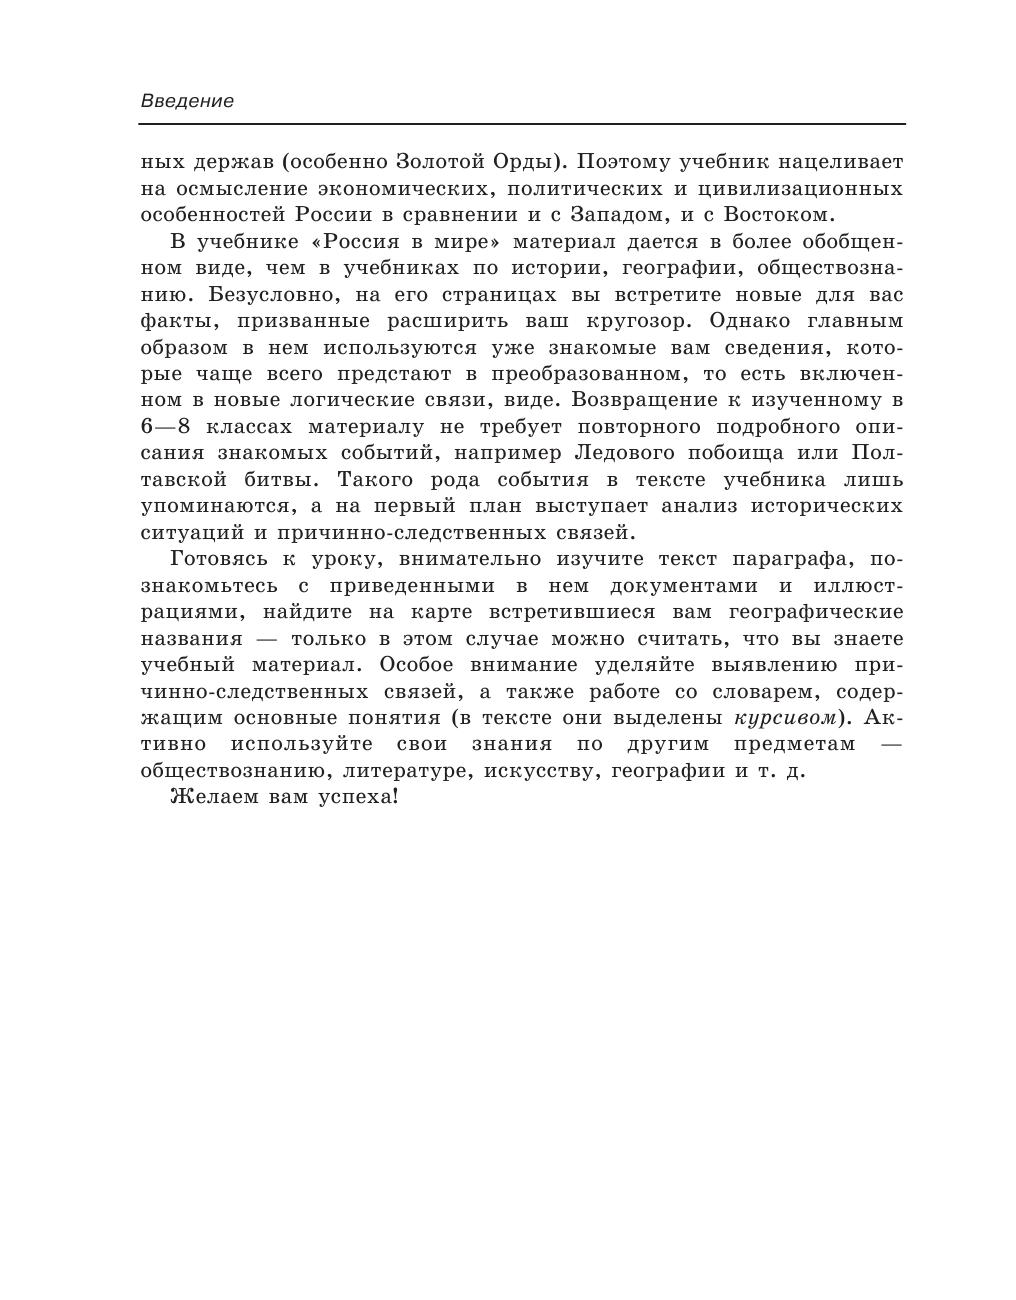 Ответы таблицы 10 класса история россии и мира по 16 параграфу о.в.волобуев